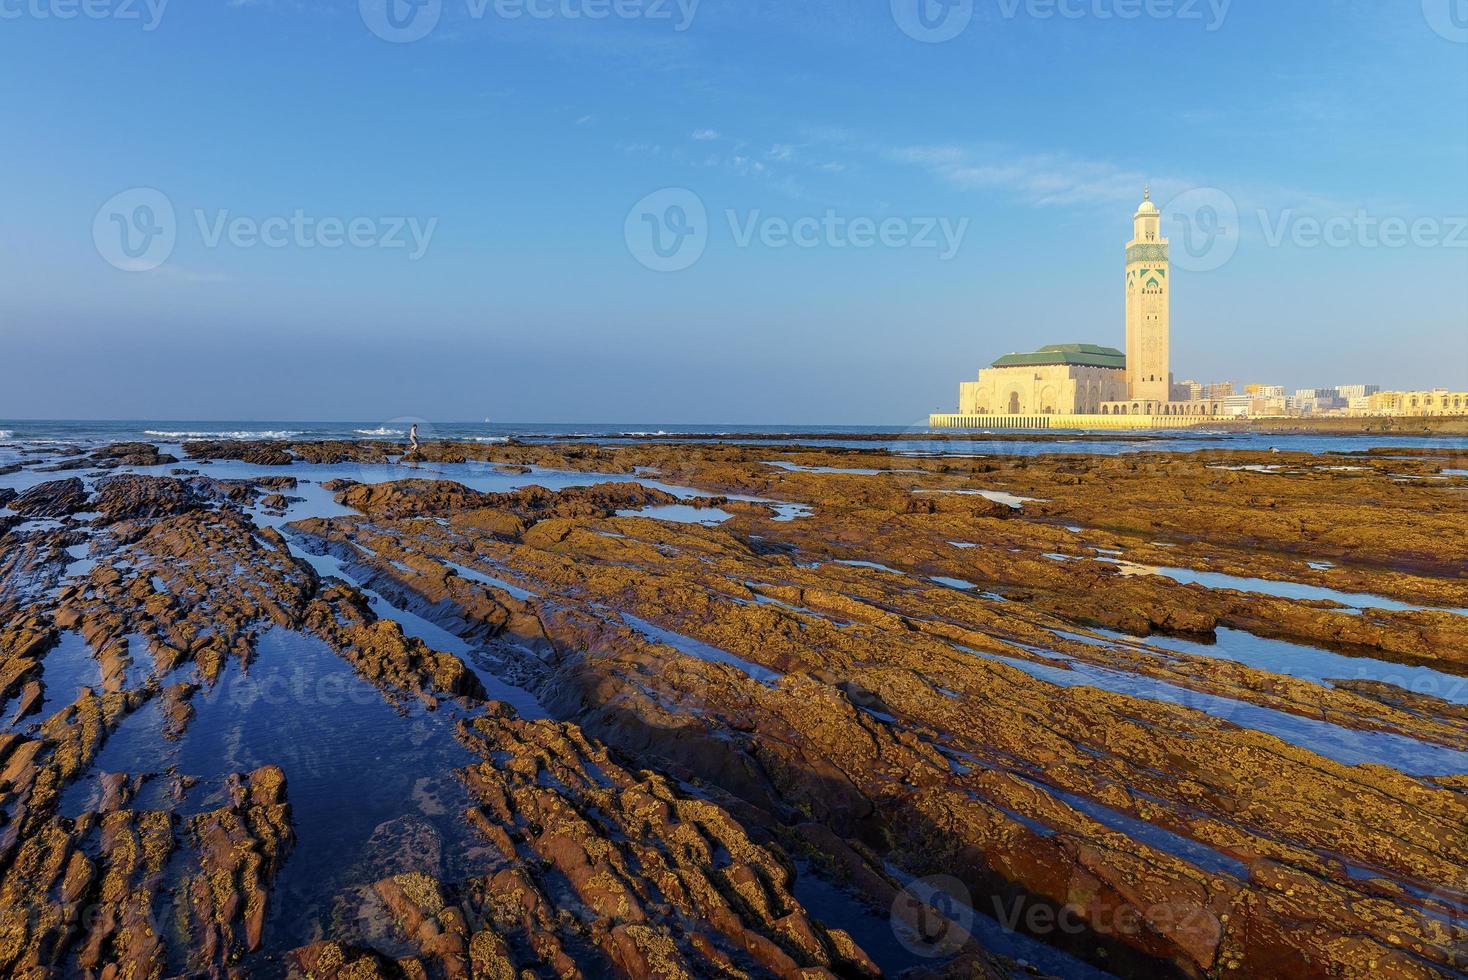 detalle de rocas desnudas debido a la marea baja en casablanca, marruecos. foto